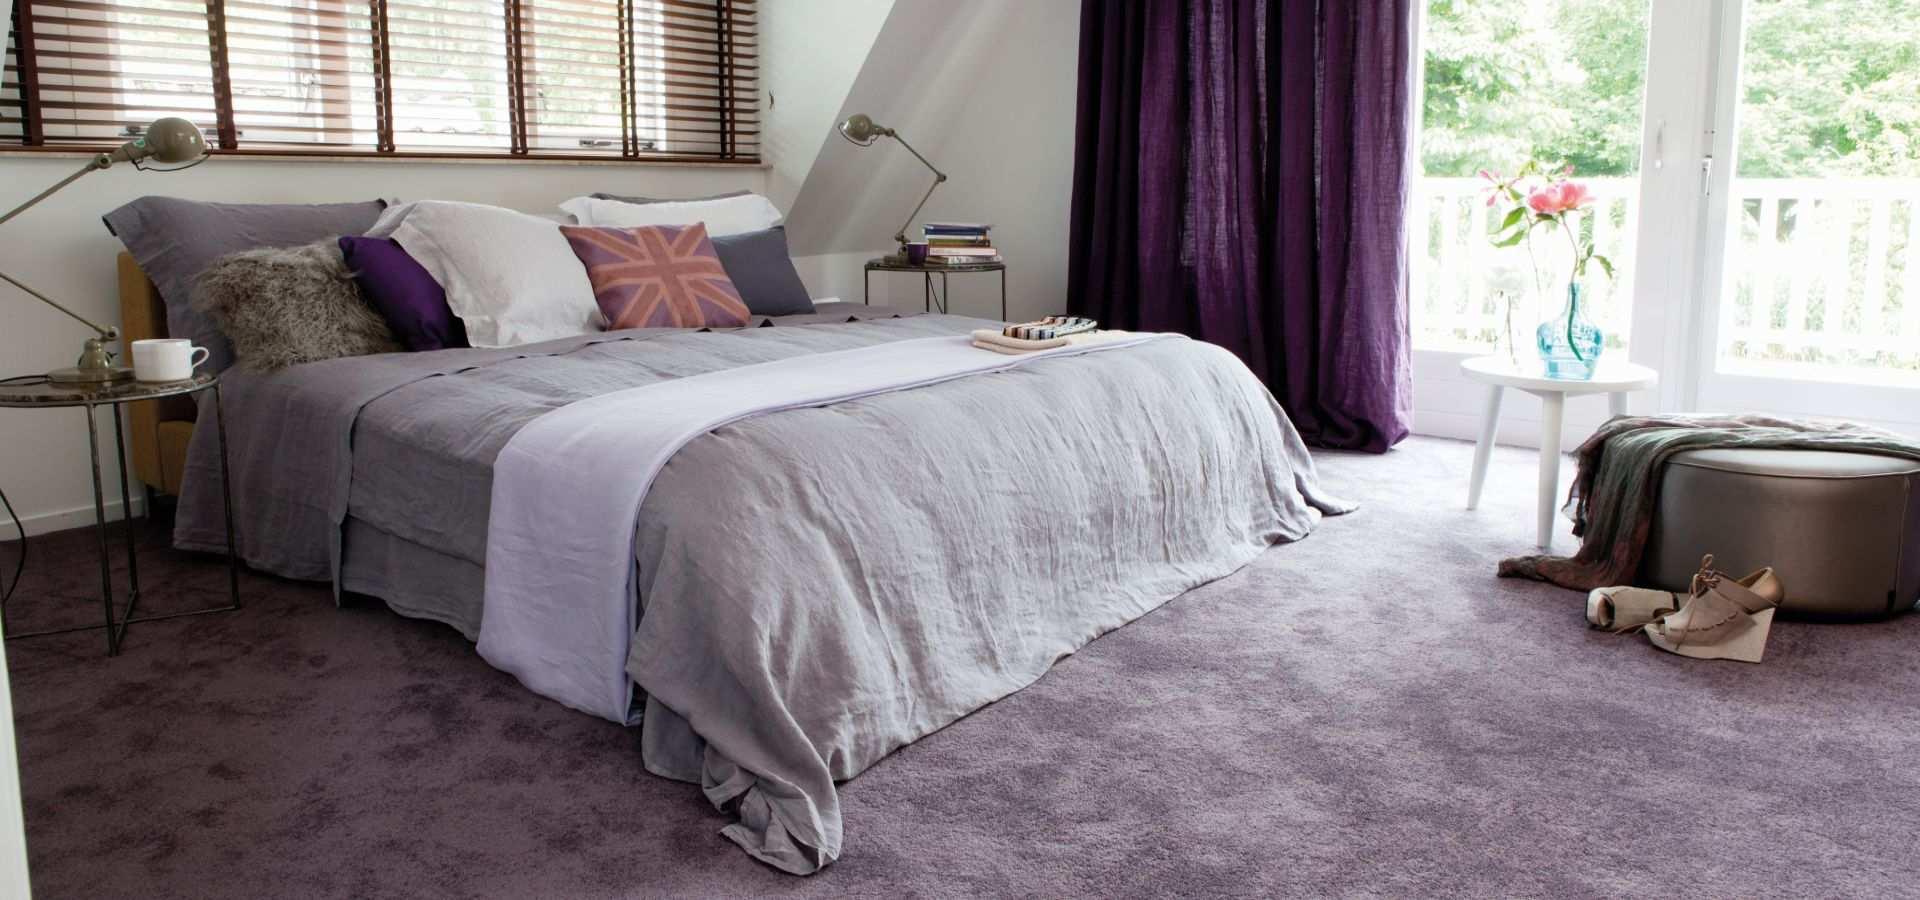 Bild Schlafzimmer Teppichboden Soft Touch lila